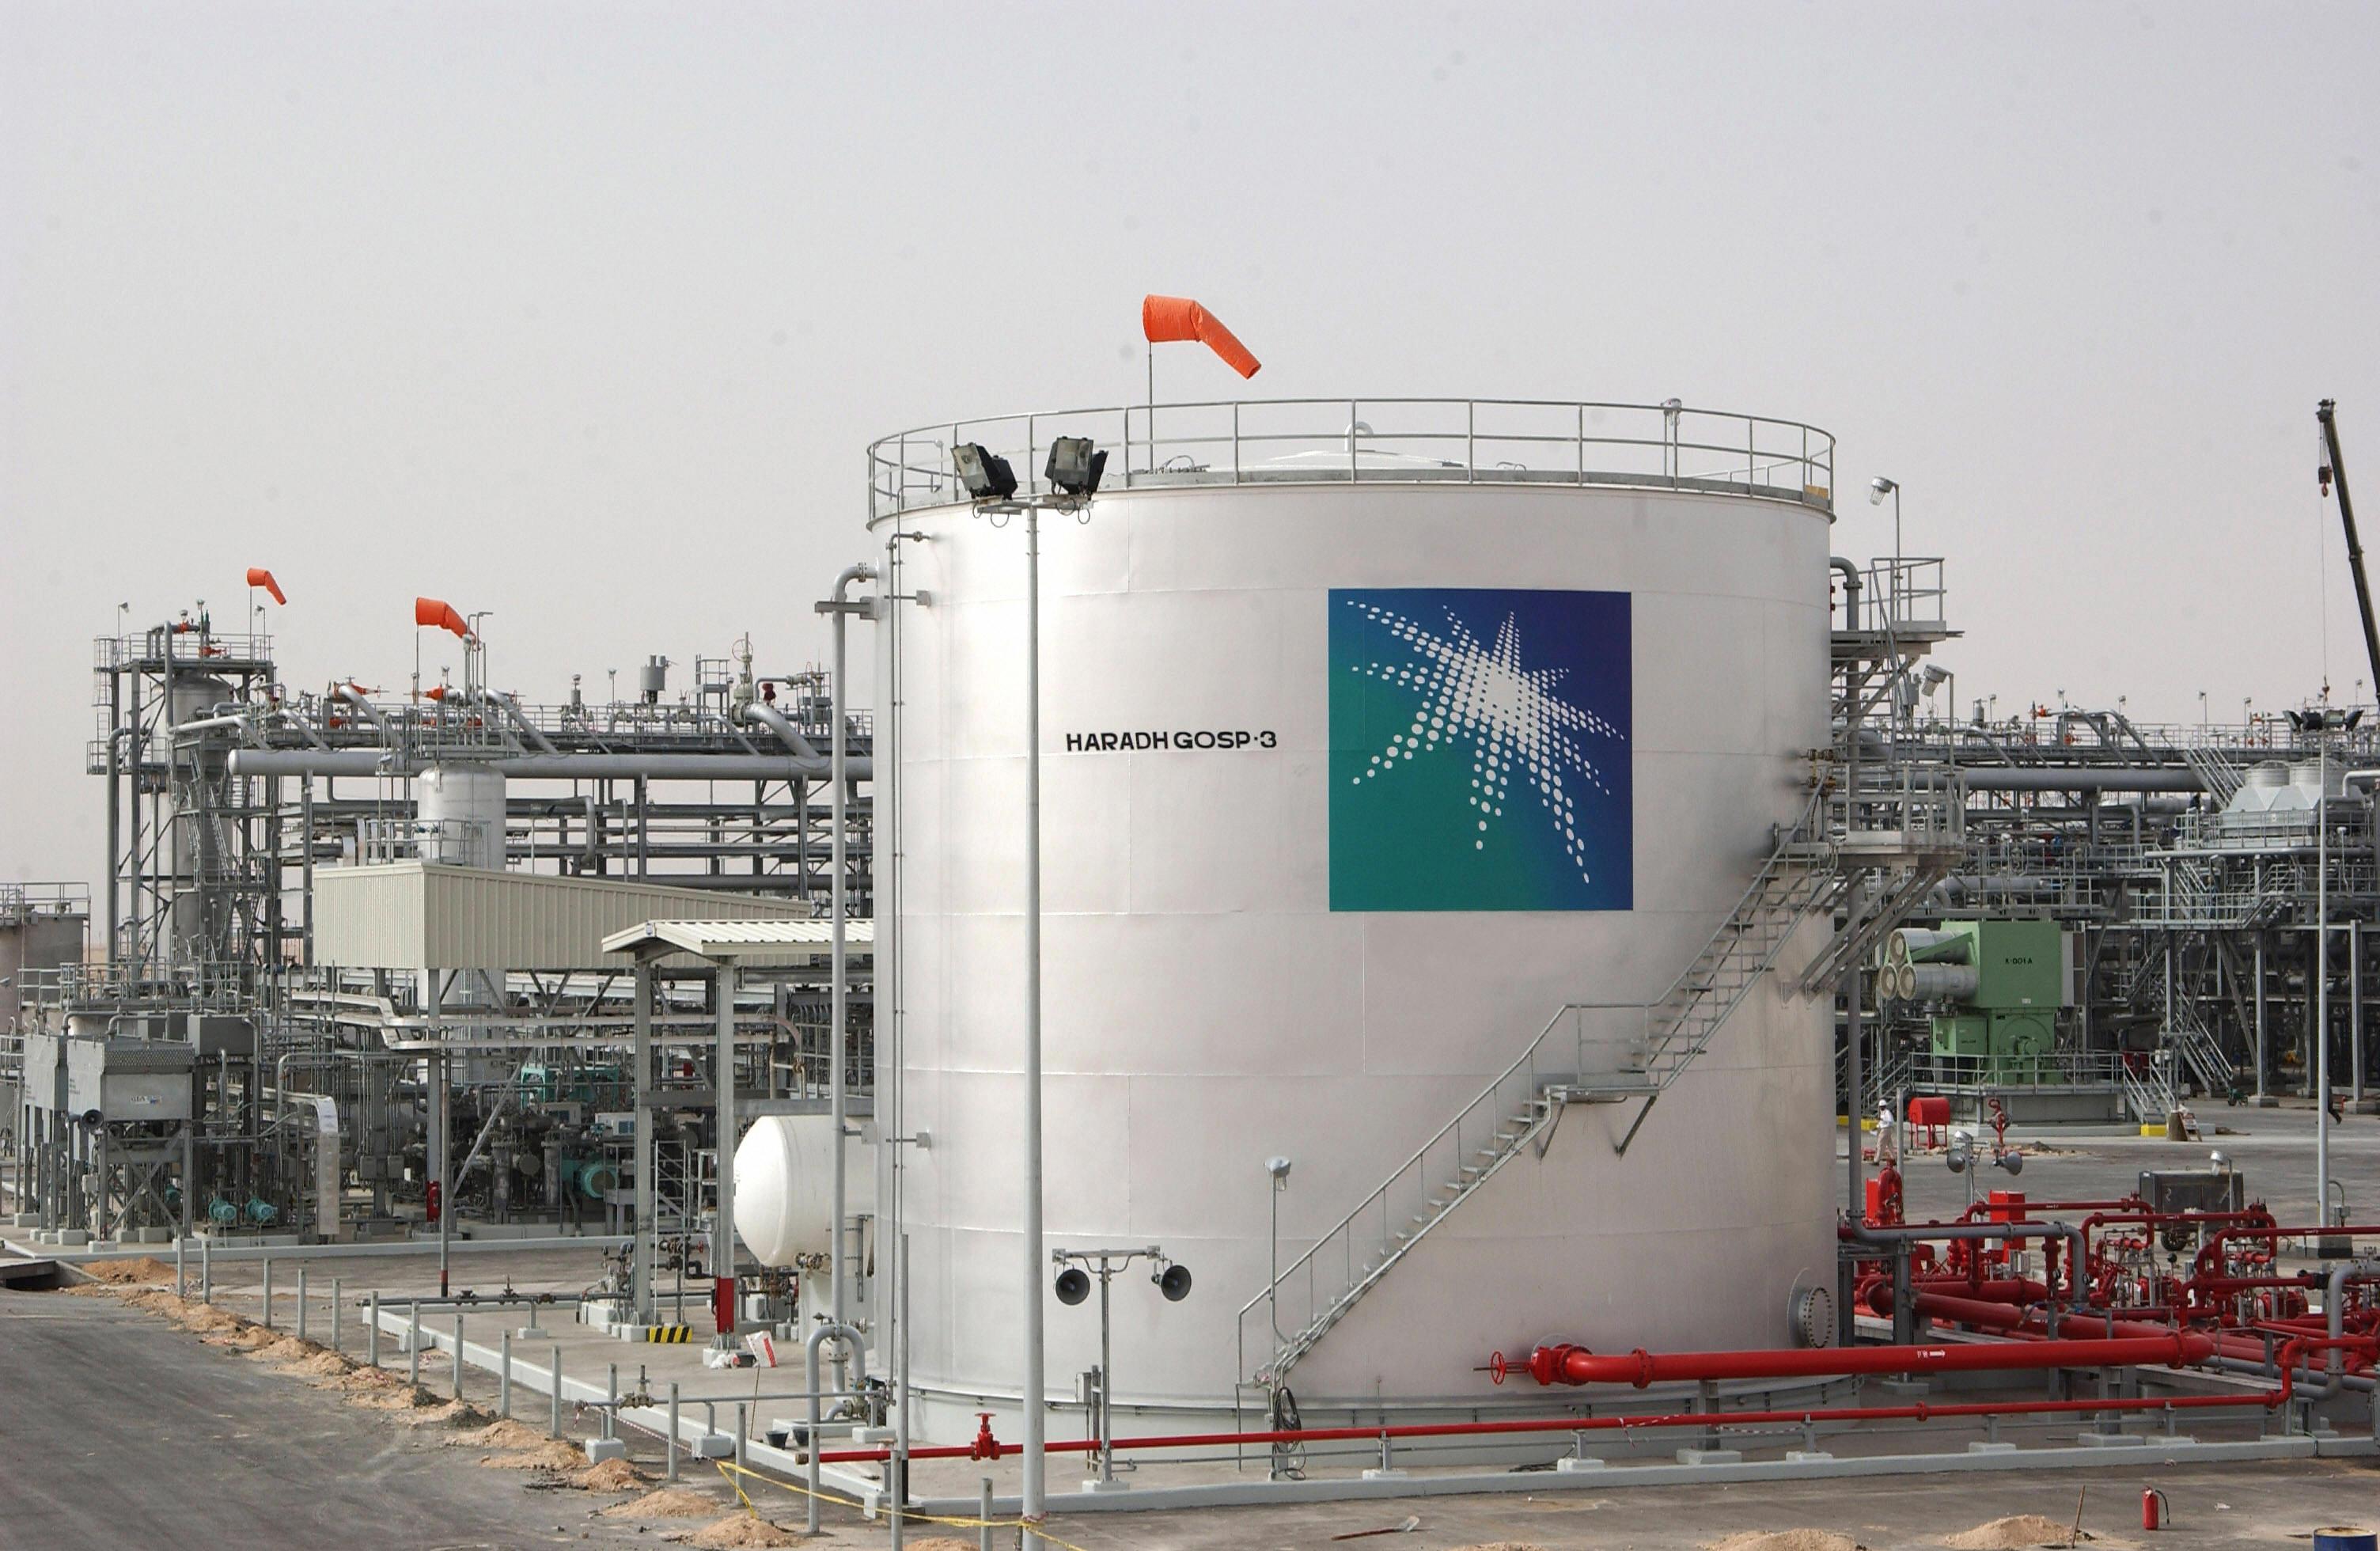 السعودية تخفض سعر خام النفط الموجه إلى أسيا